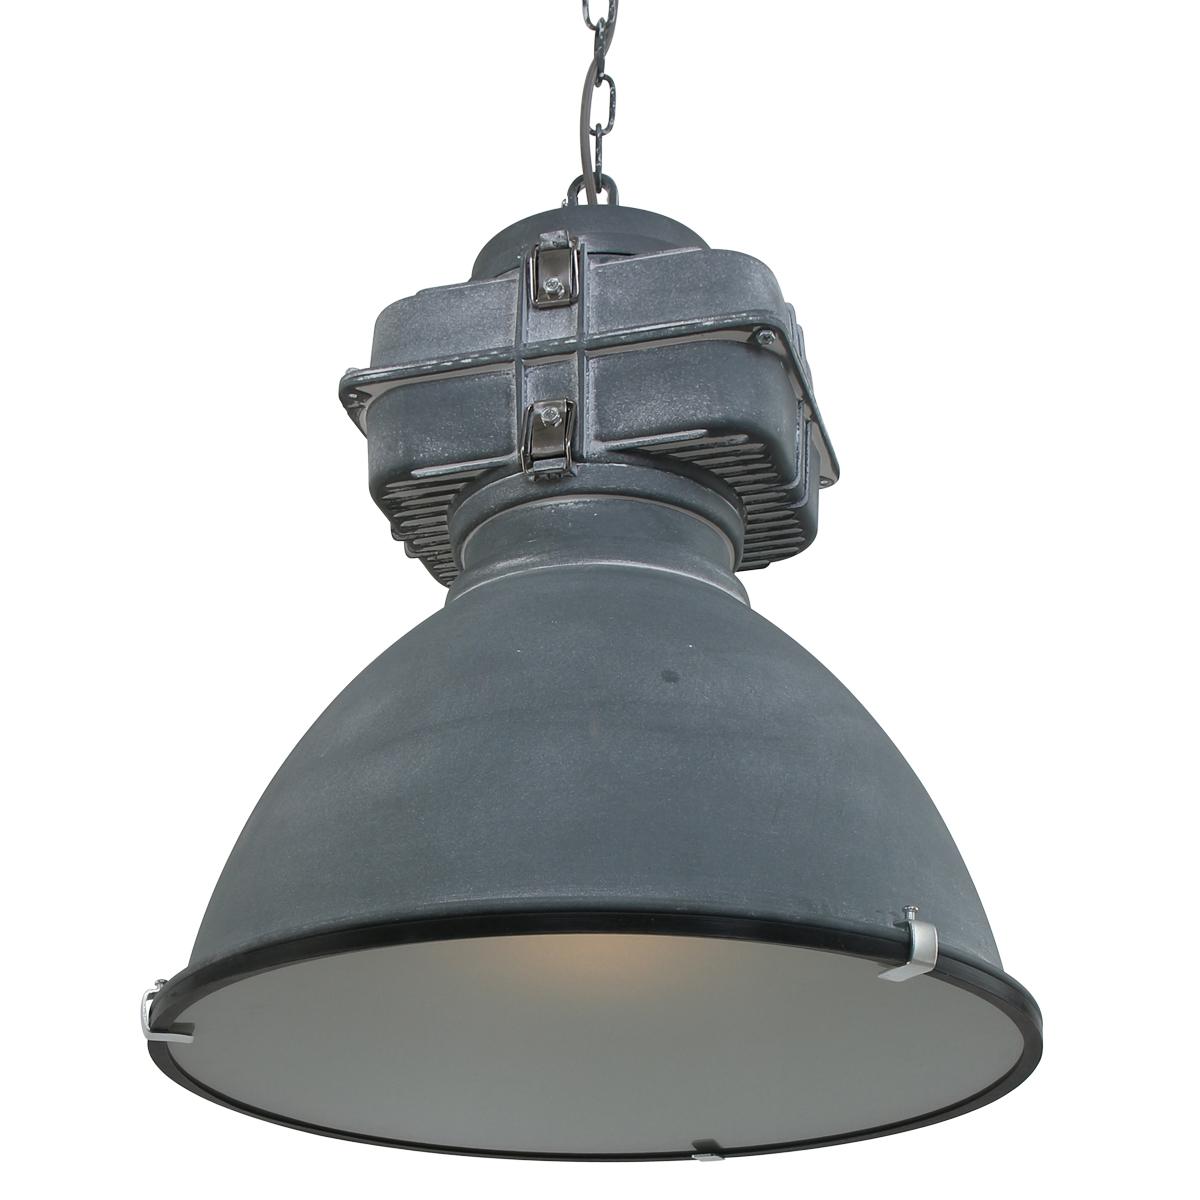 Pendelleuchten Von Industrielampe Trendy Billig